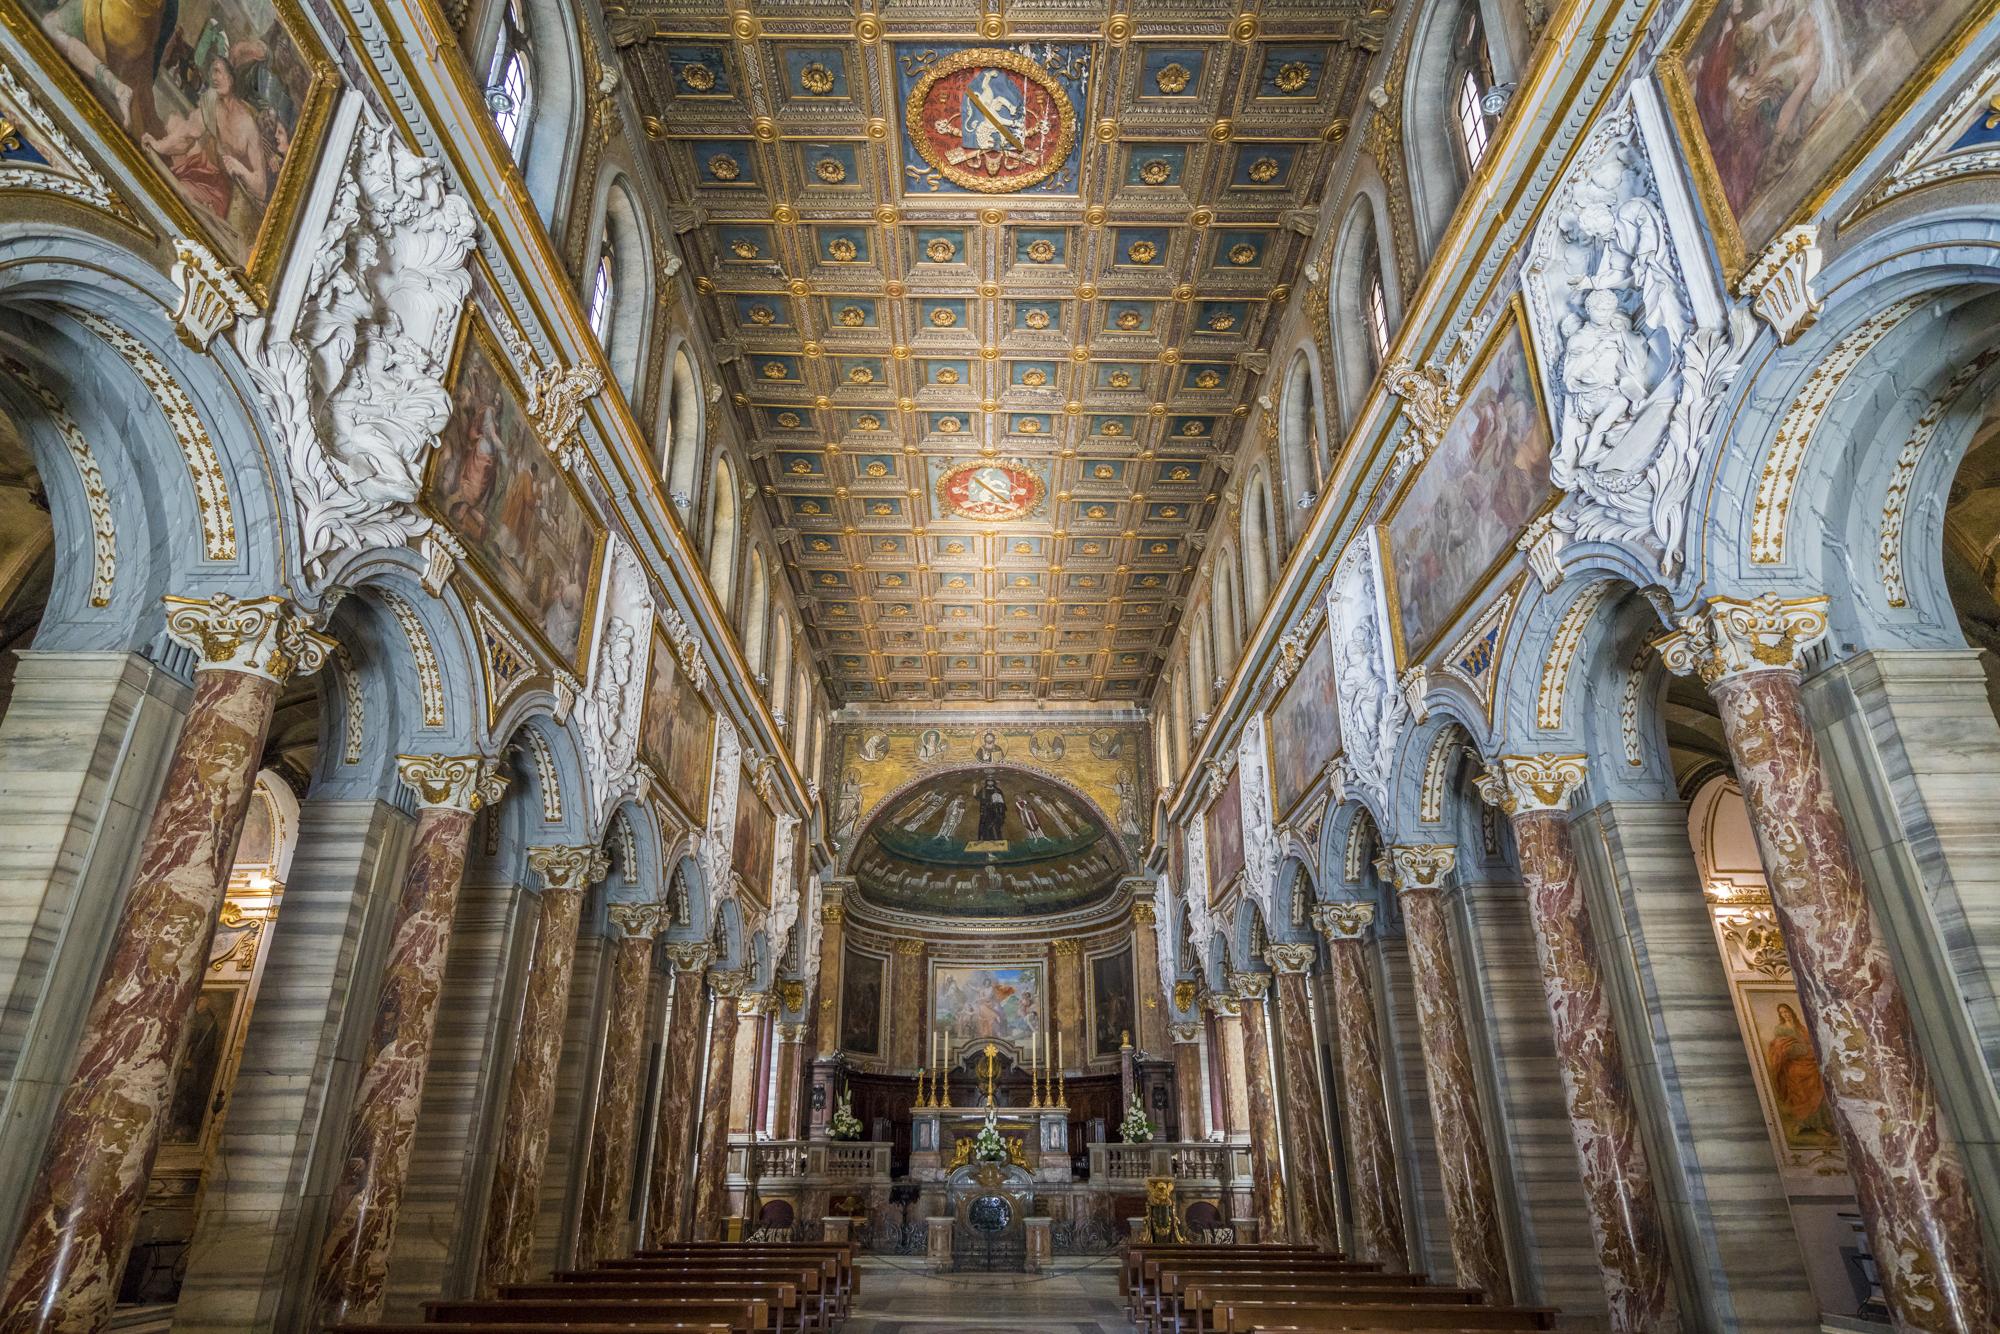 Stations de carême (20/42) : Saint-Marc-l'Évangéliste, là où fut écrit l'Évangile